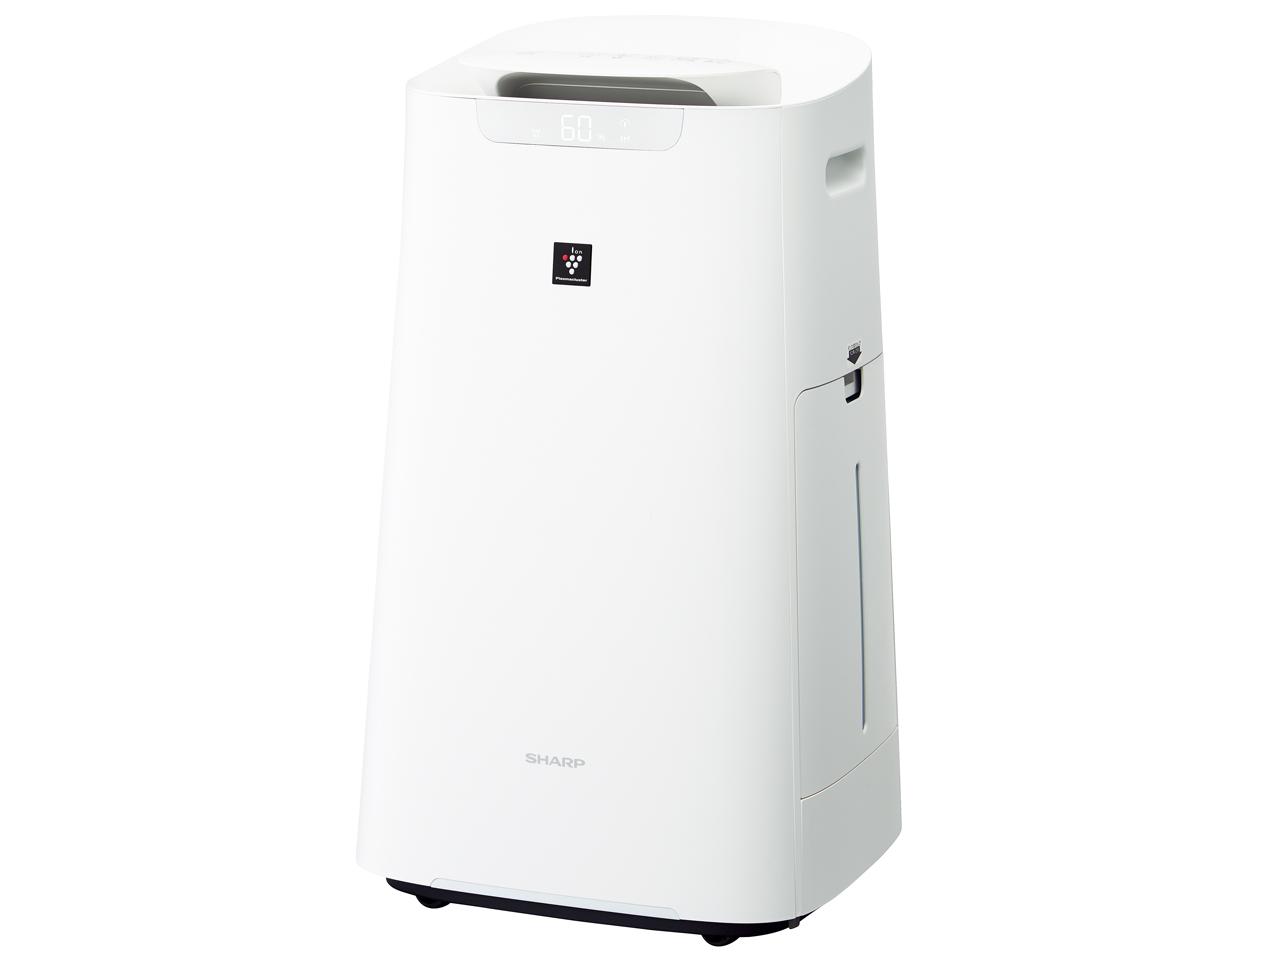 KI-LS70-W [ホワイト系]